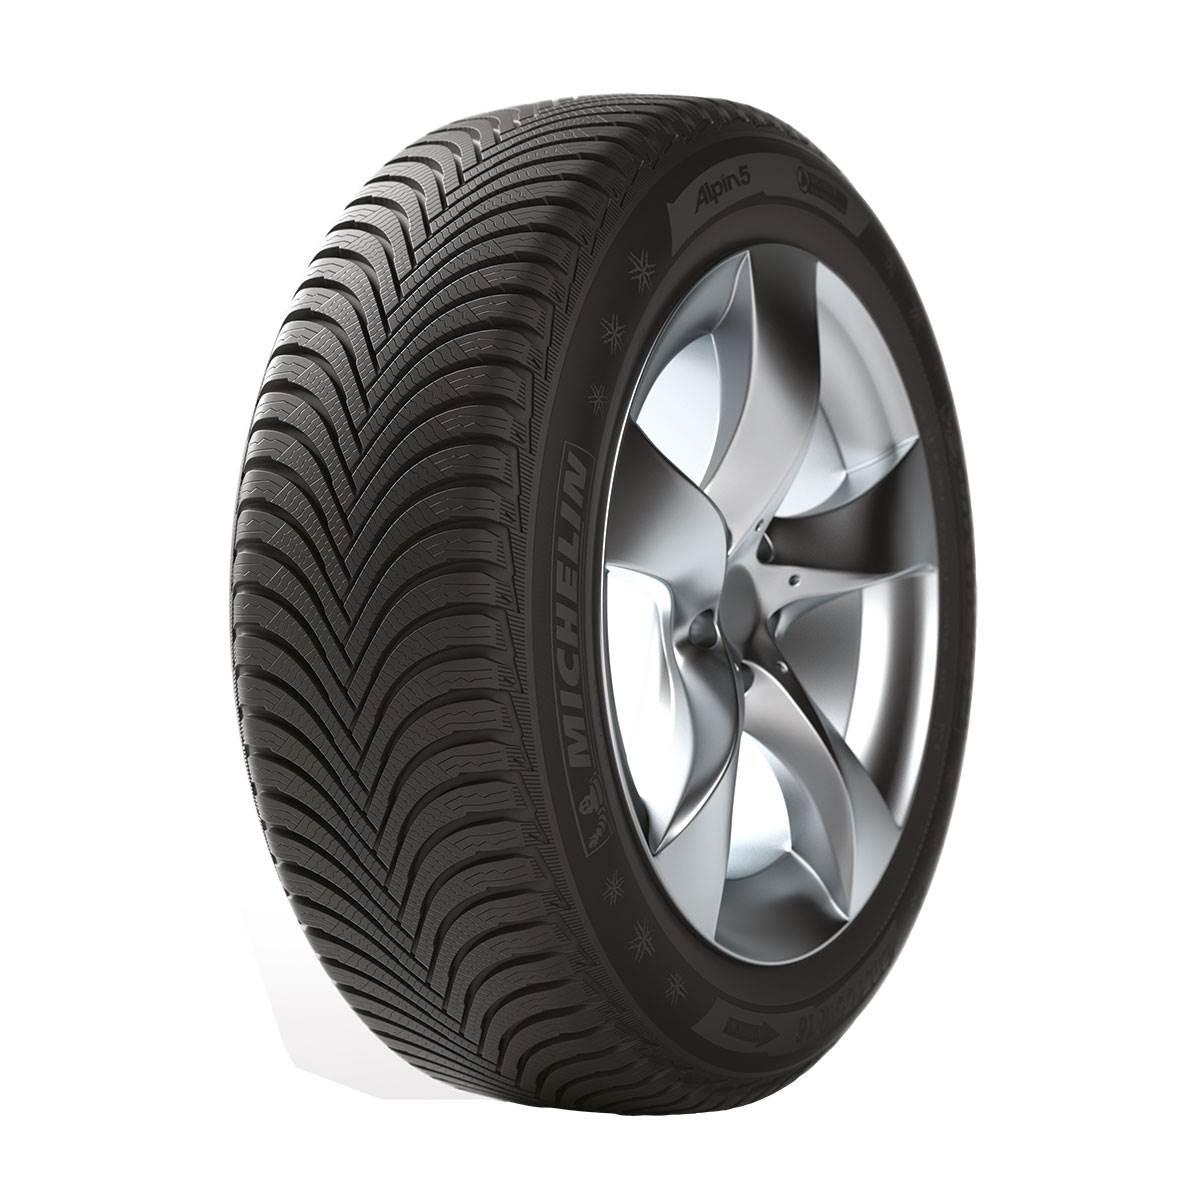 Pneu Hiver Michelin 225/55R16 99H Alpin A5 XL